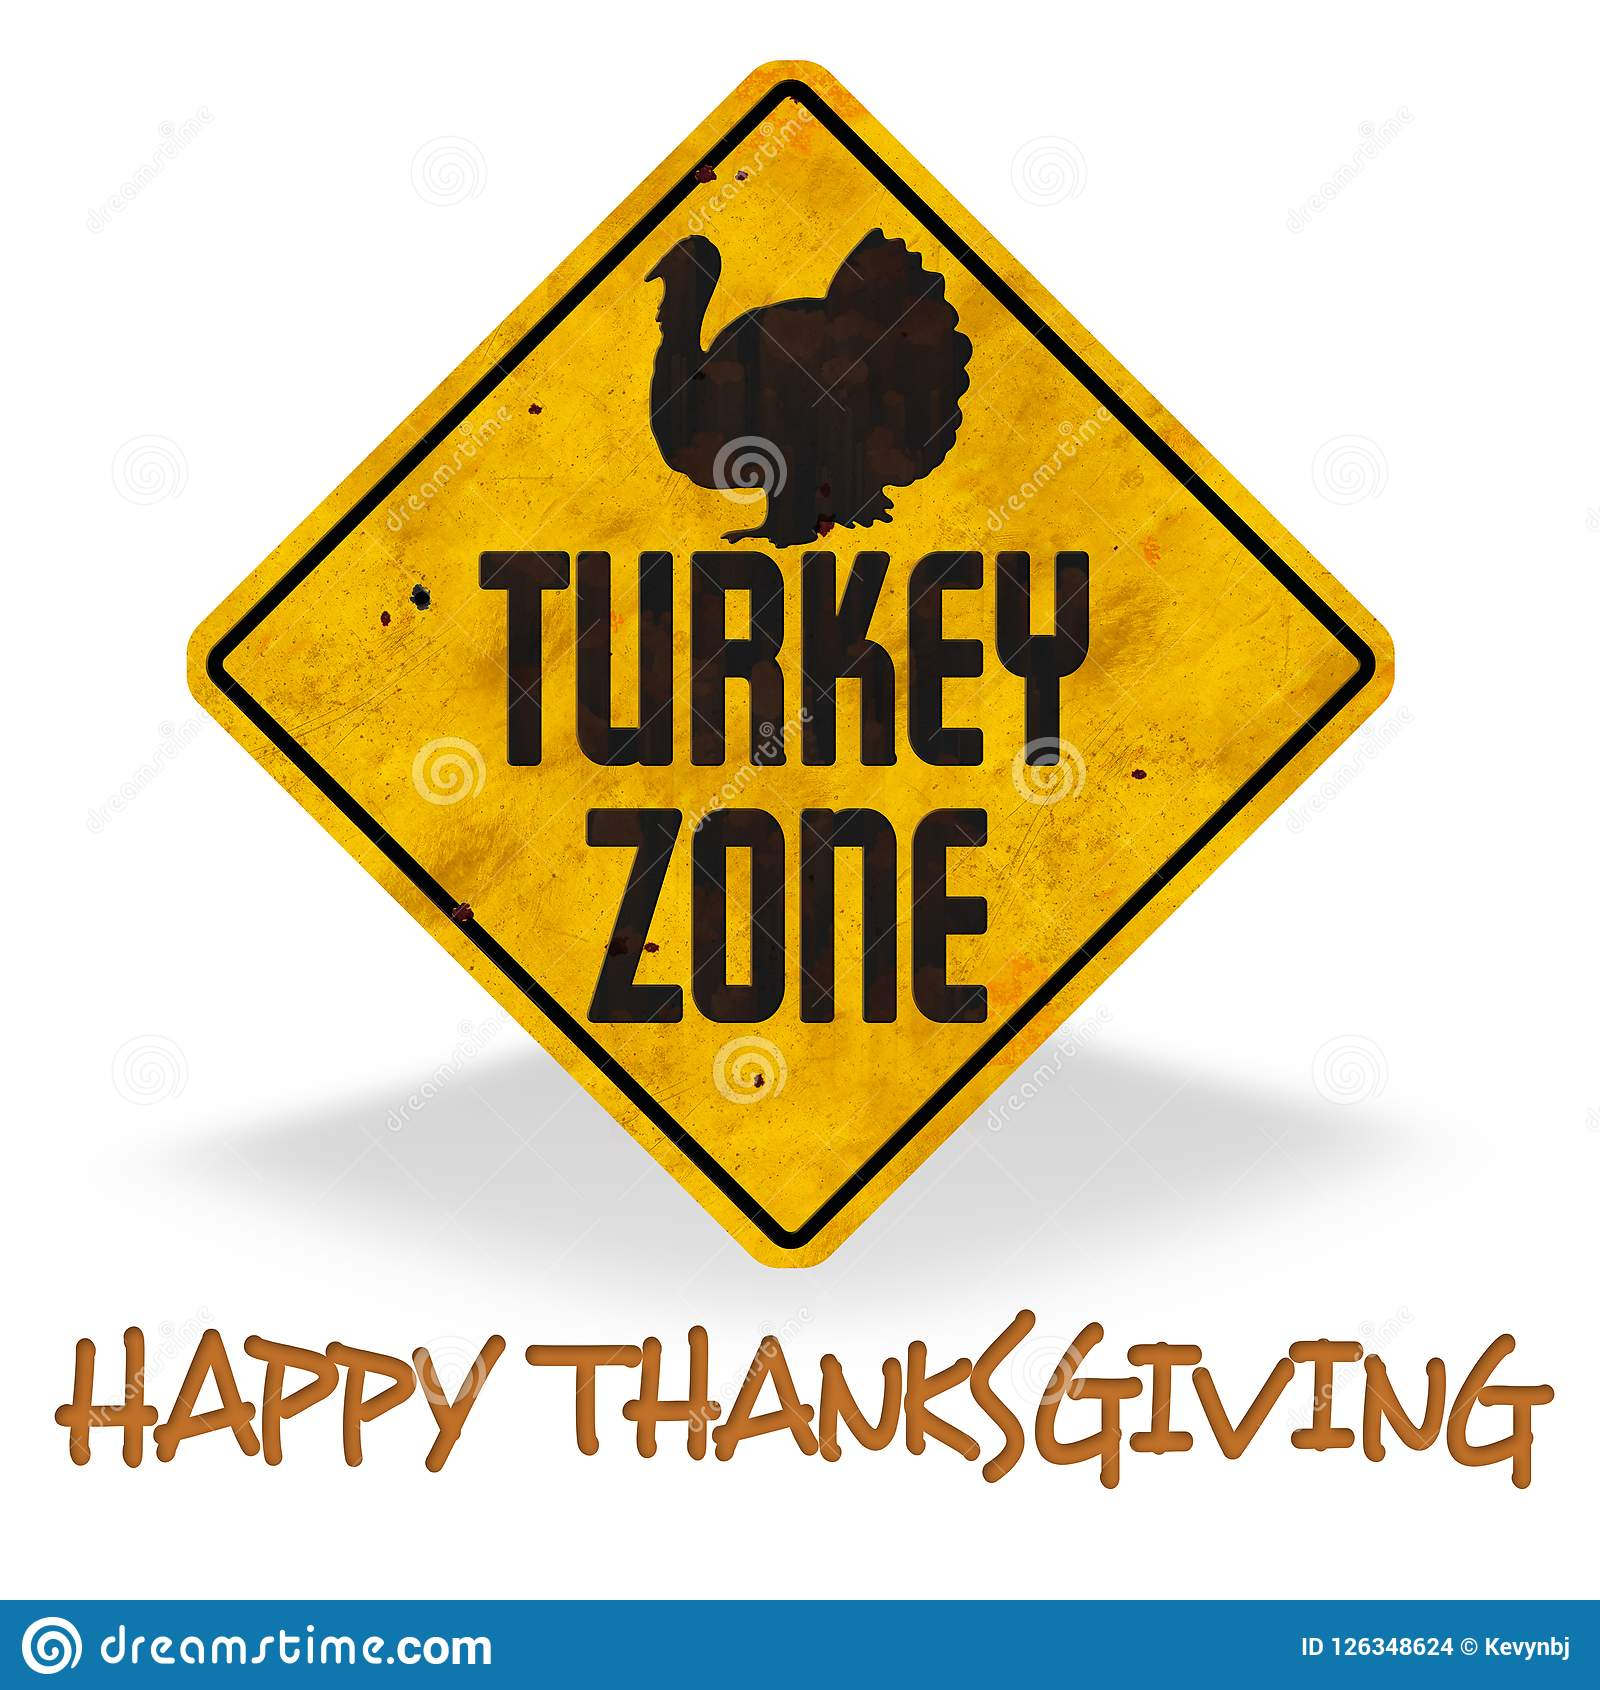 Happy Thanksgiving Turkey Zone Sign Grunge Fun